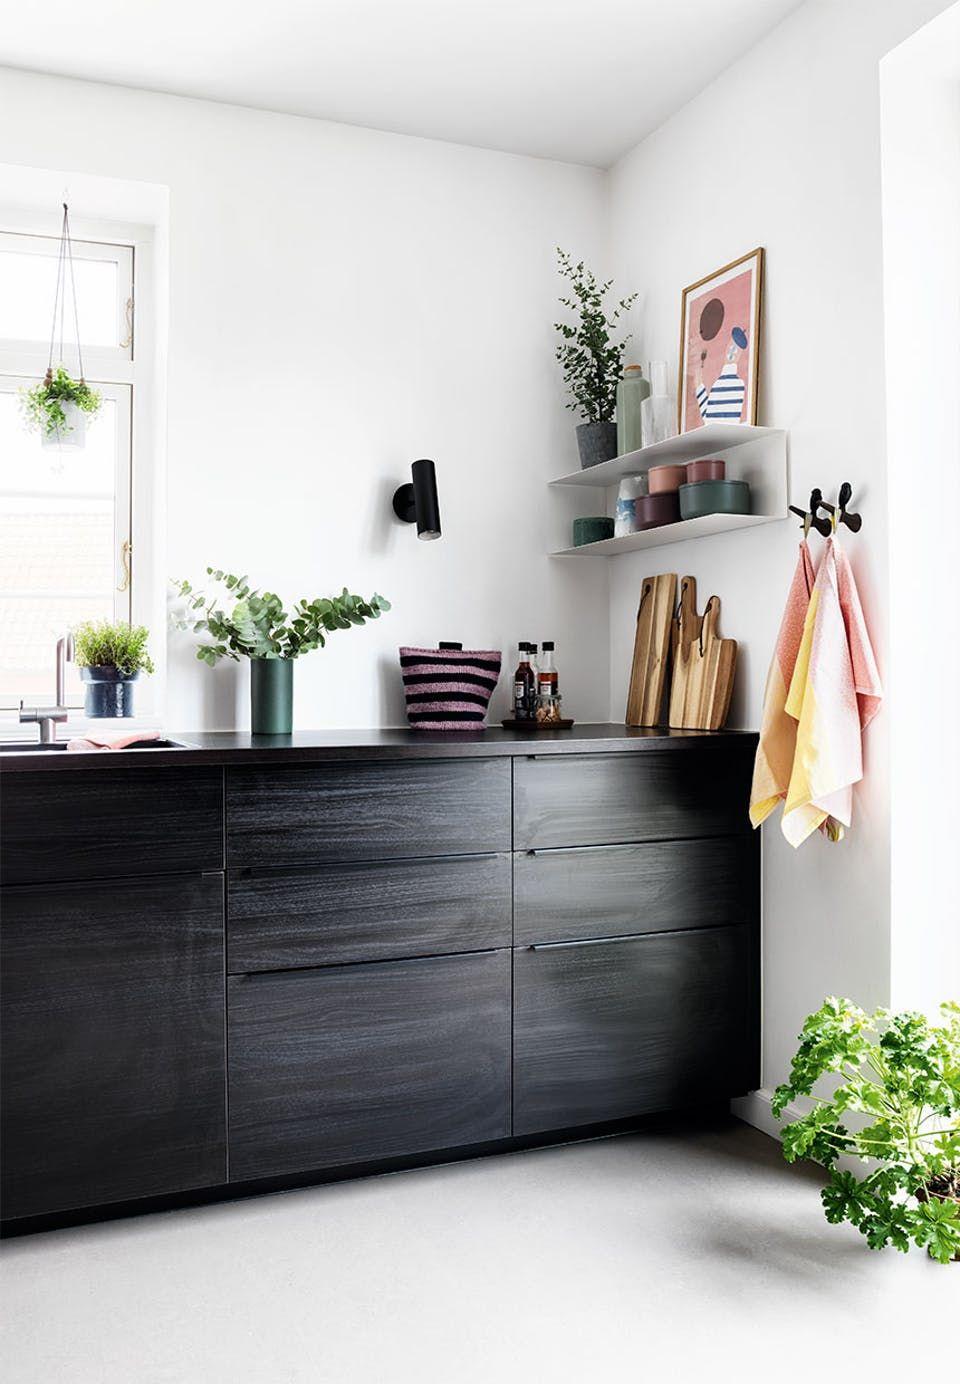 Pin de Elina en HomeSweetHome | Pinterest | Cocinas, Cocina ikea y ...